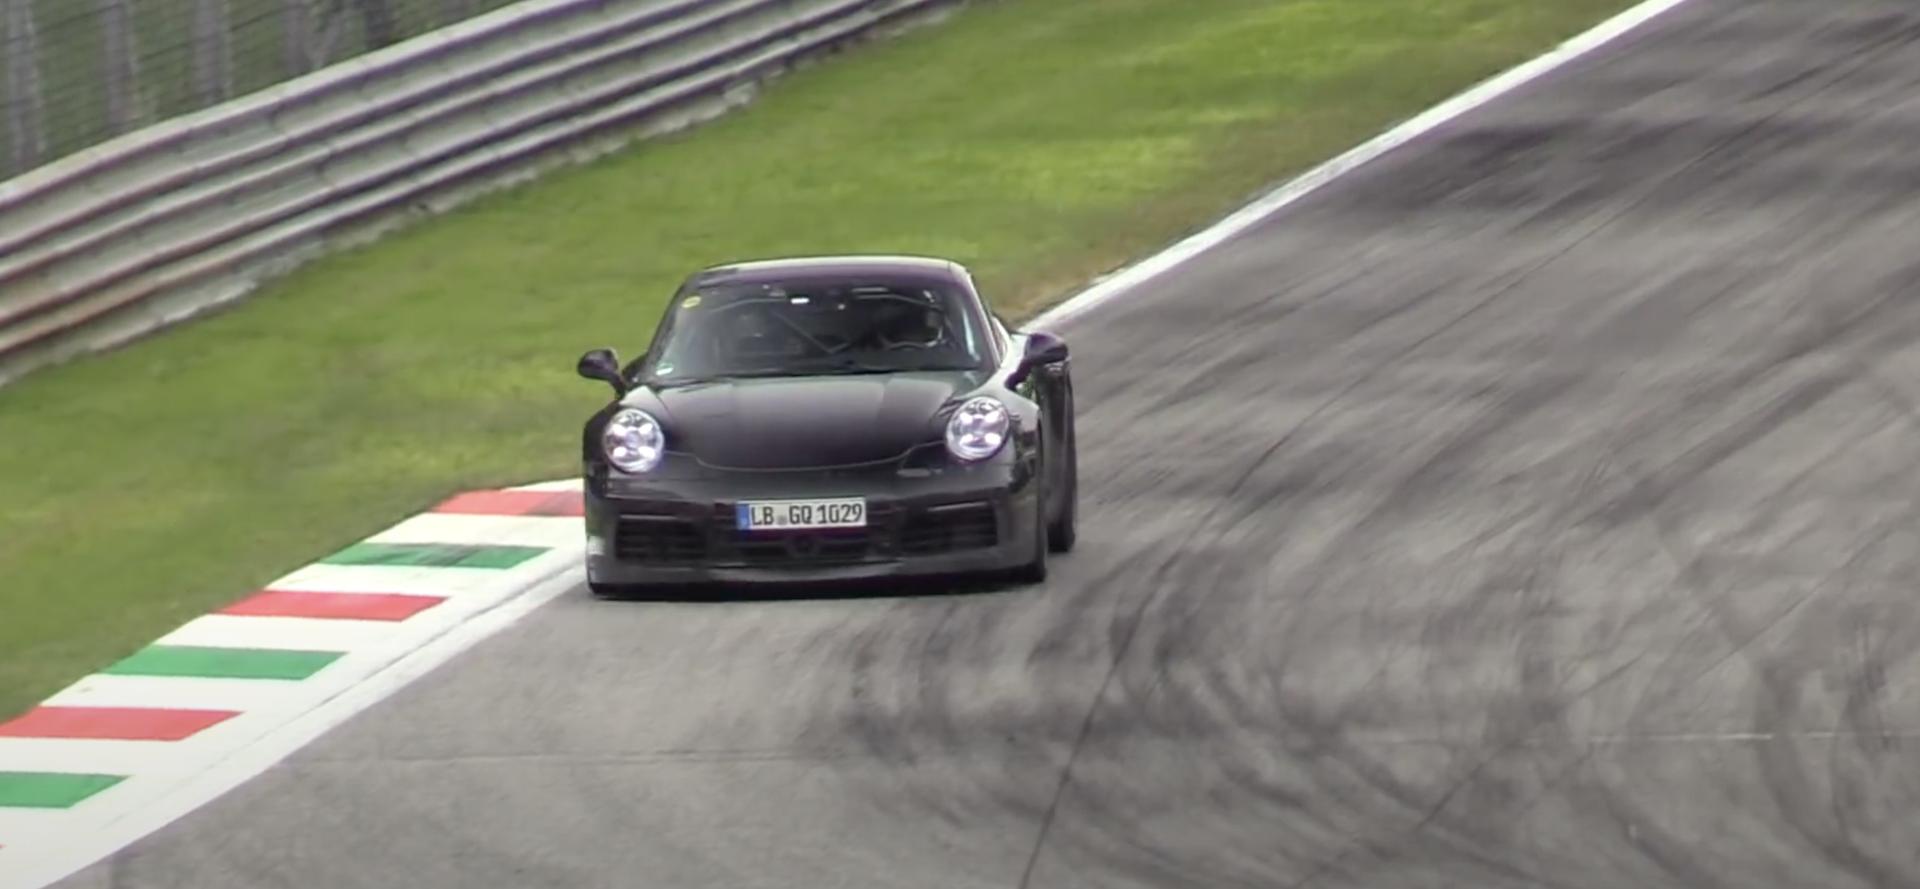 Porsche 911 Gt3 992 2020 1